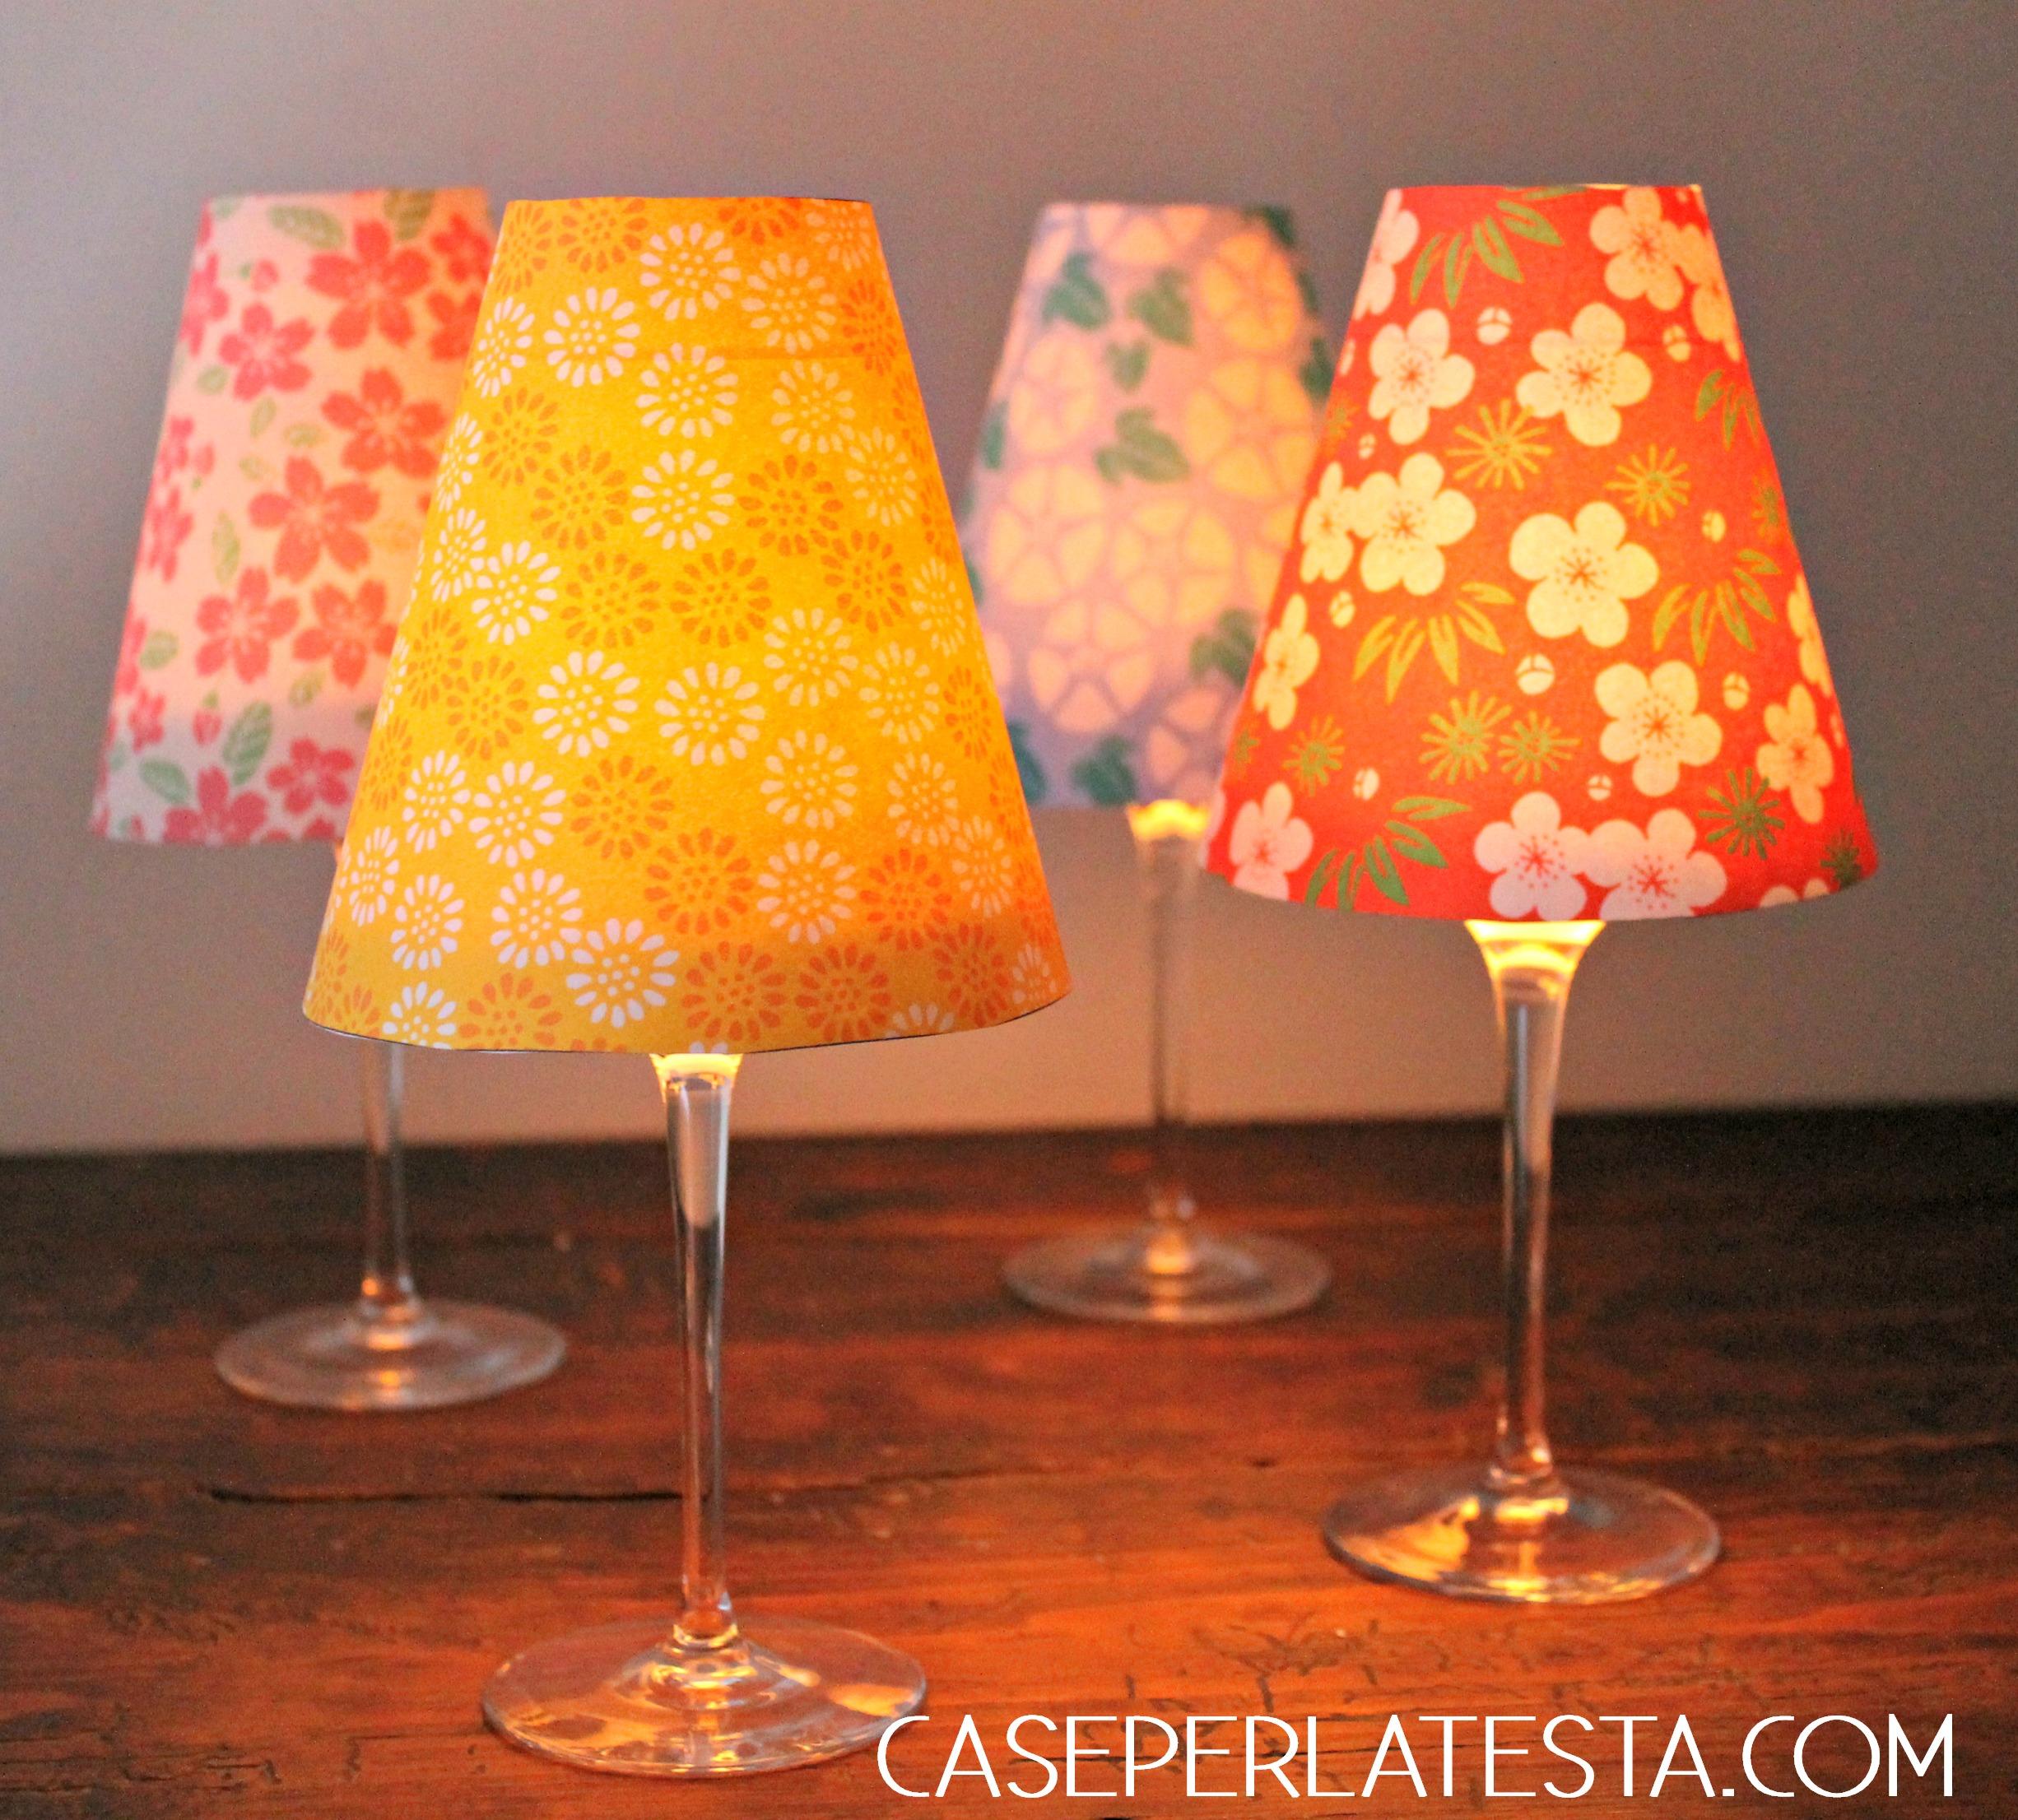 Lampade giapponesi in carta fai da te - Caseperlatesta